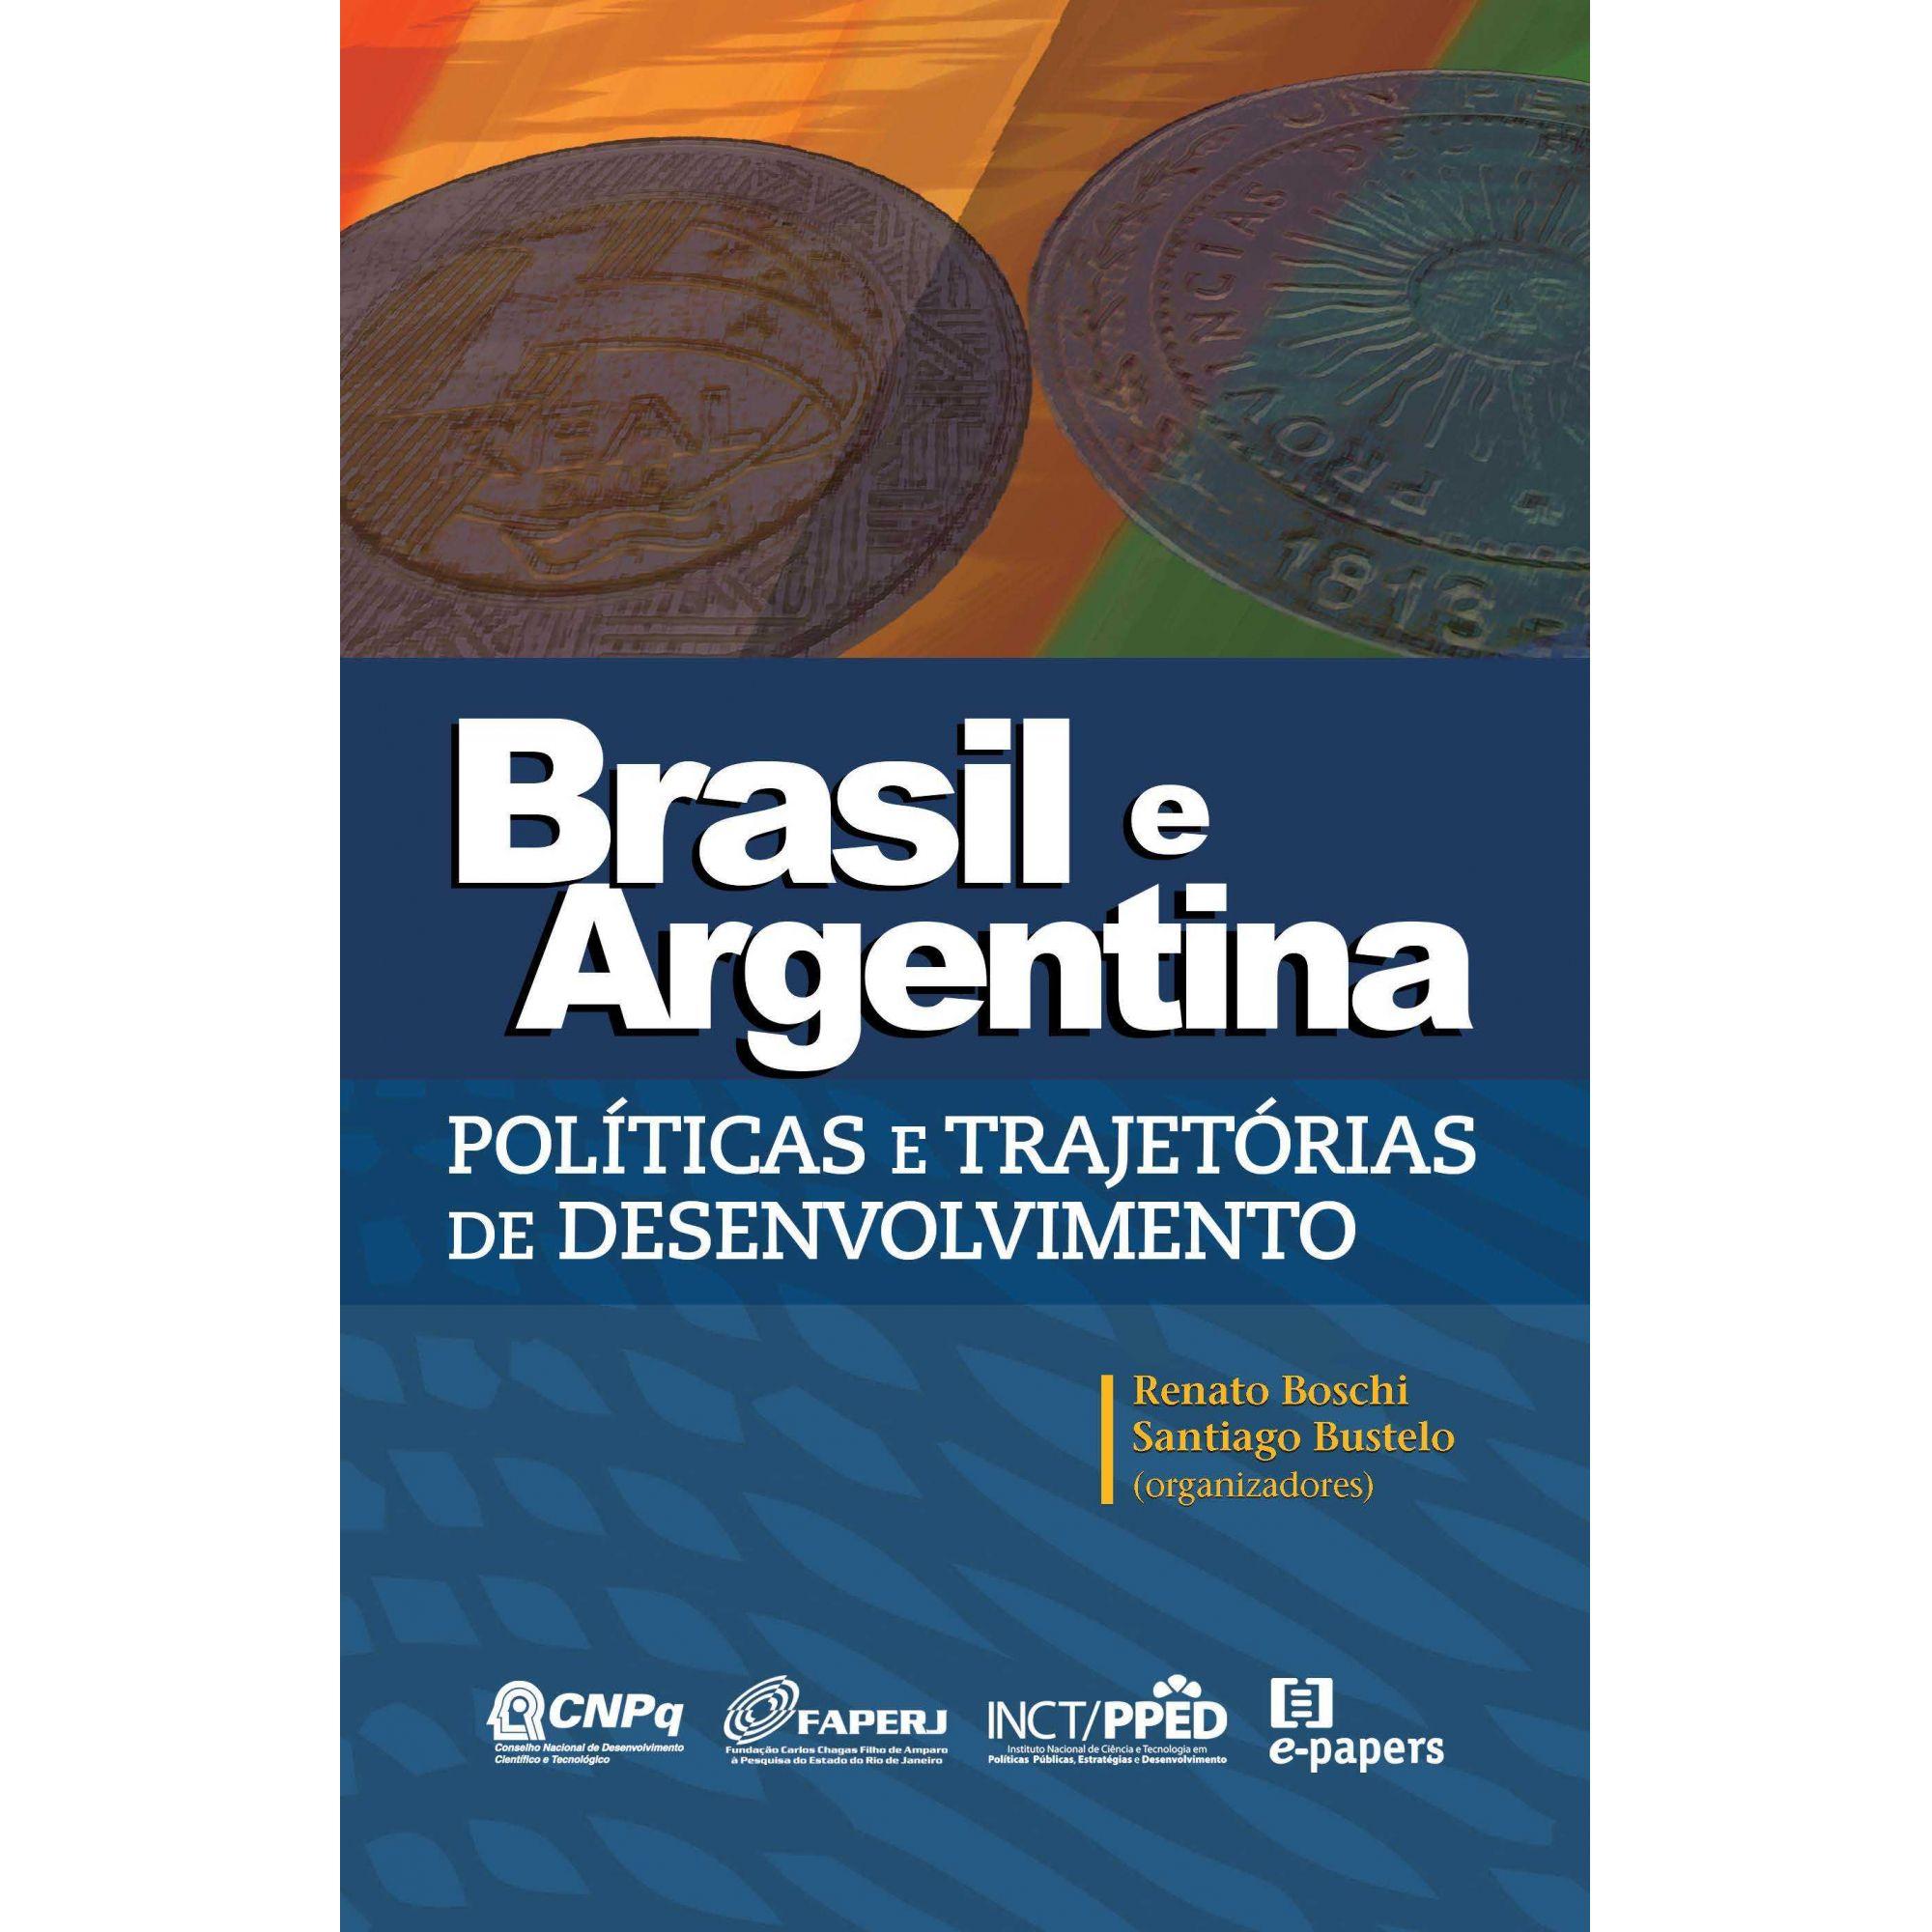 Brasil e Argentina: Políticas e trajetórias de desenvolvimento